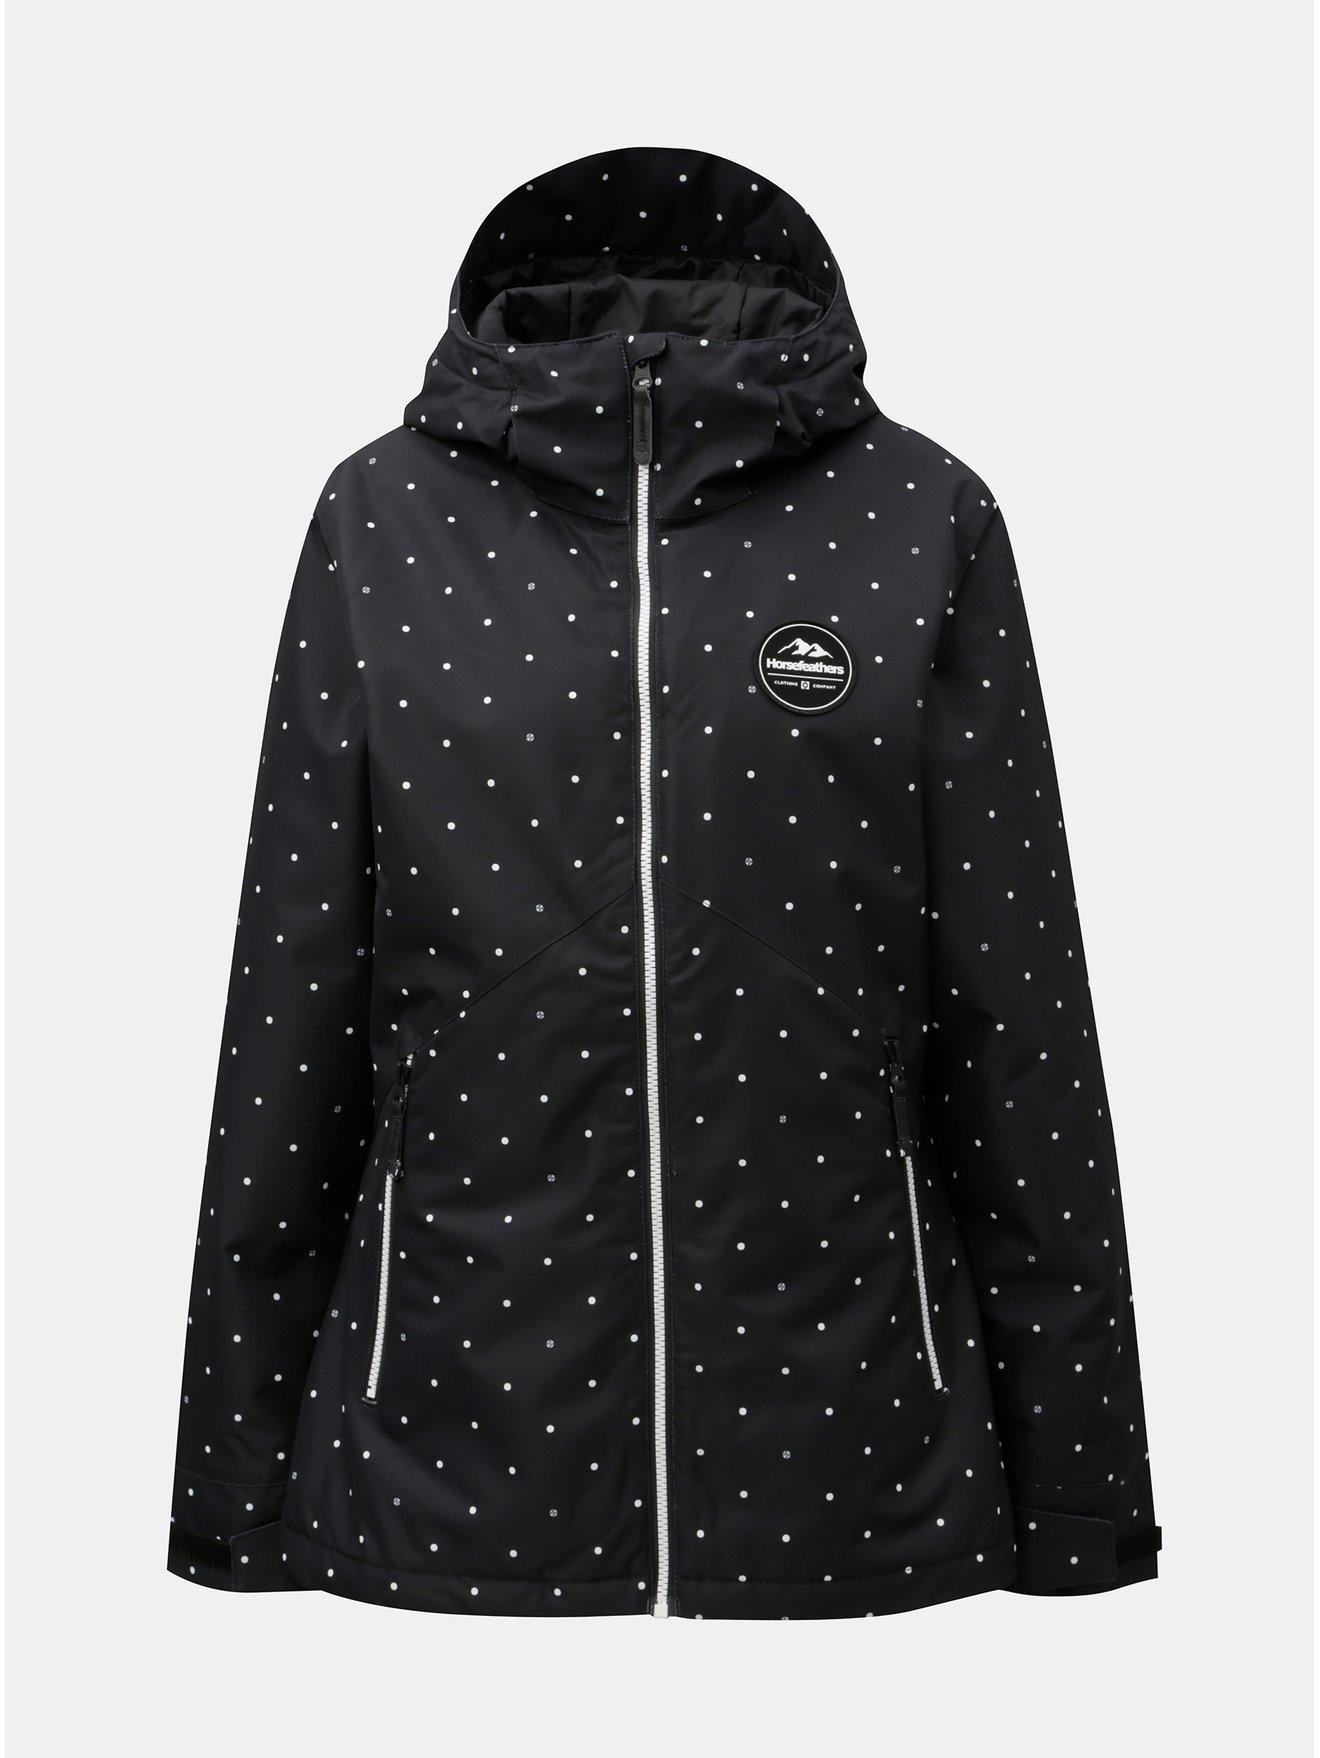 Černá dámská puntíkovaná funkční zimní bunda Horsefeathers Judy